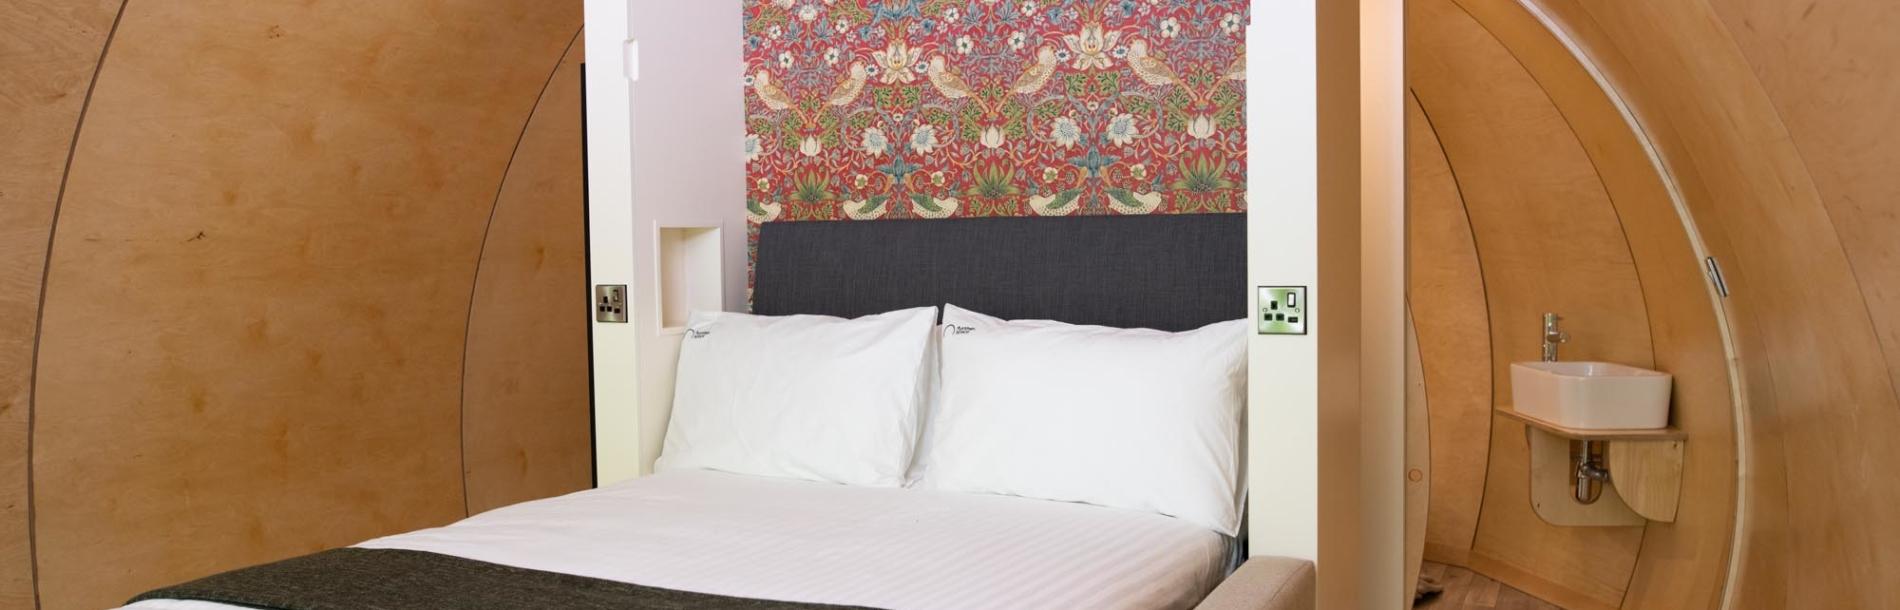 Internal bed _DSC1080POD_